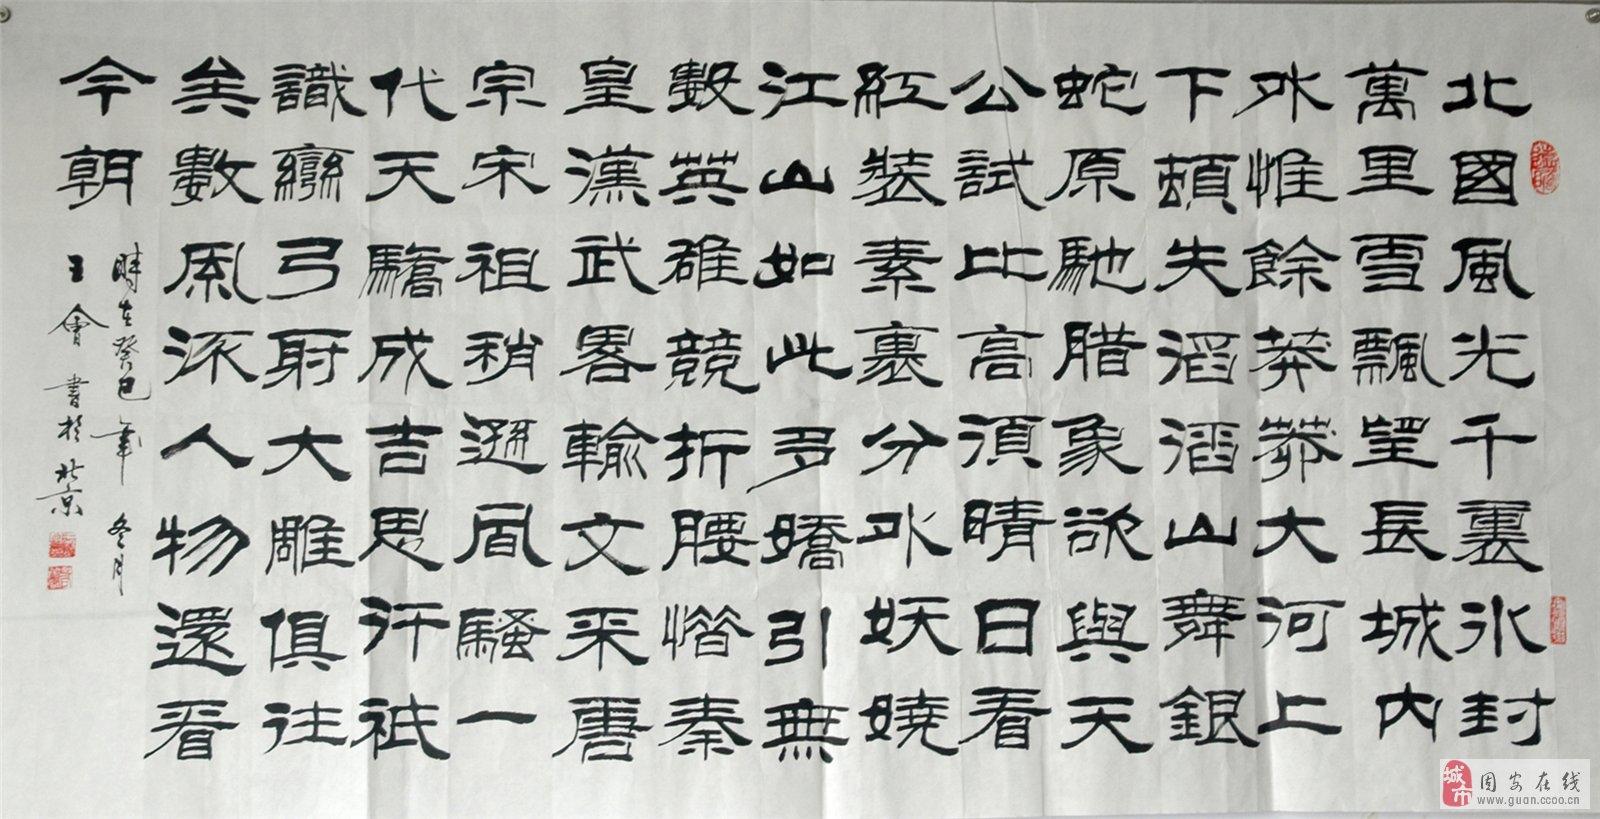 小篆是象形体古文字的结束,隶书是改象形为笔画化的新文字的开始.